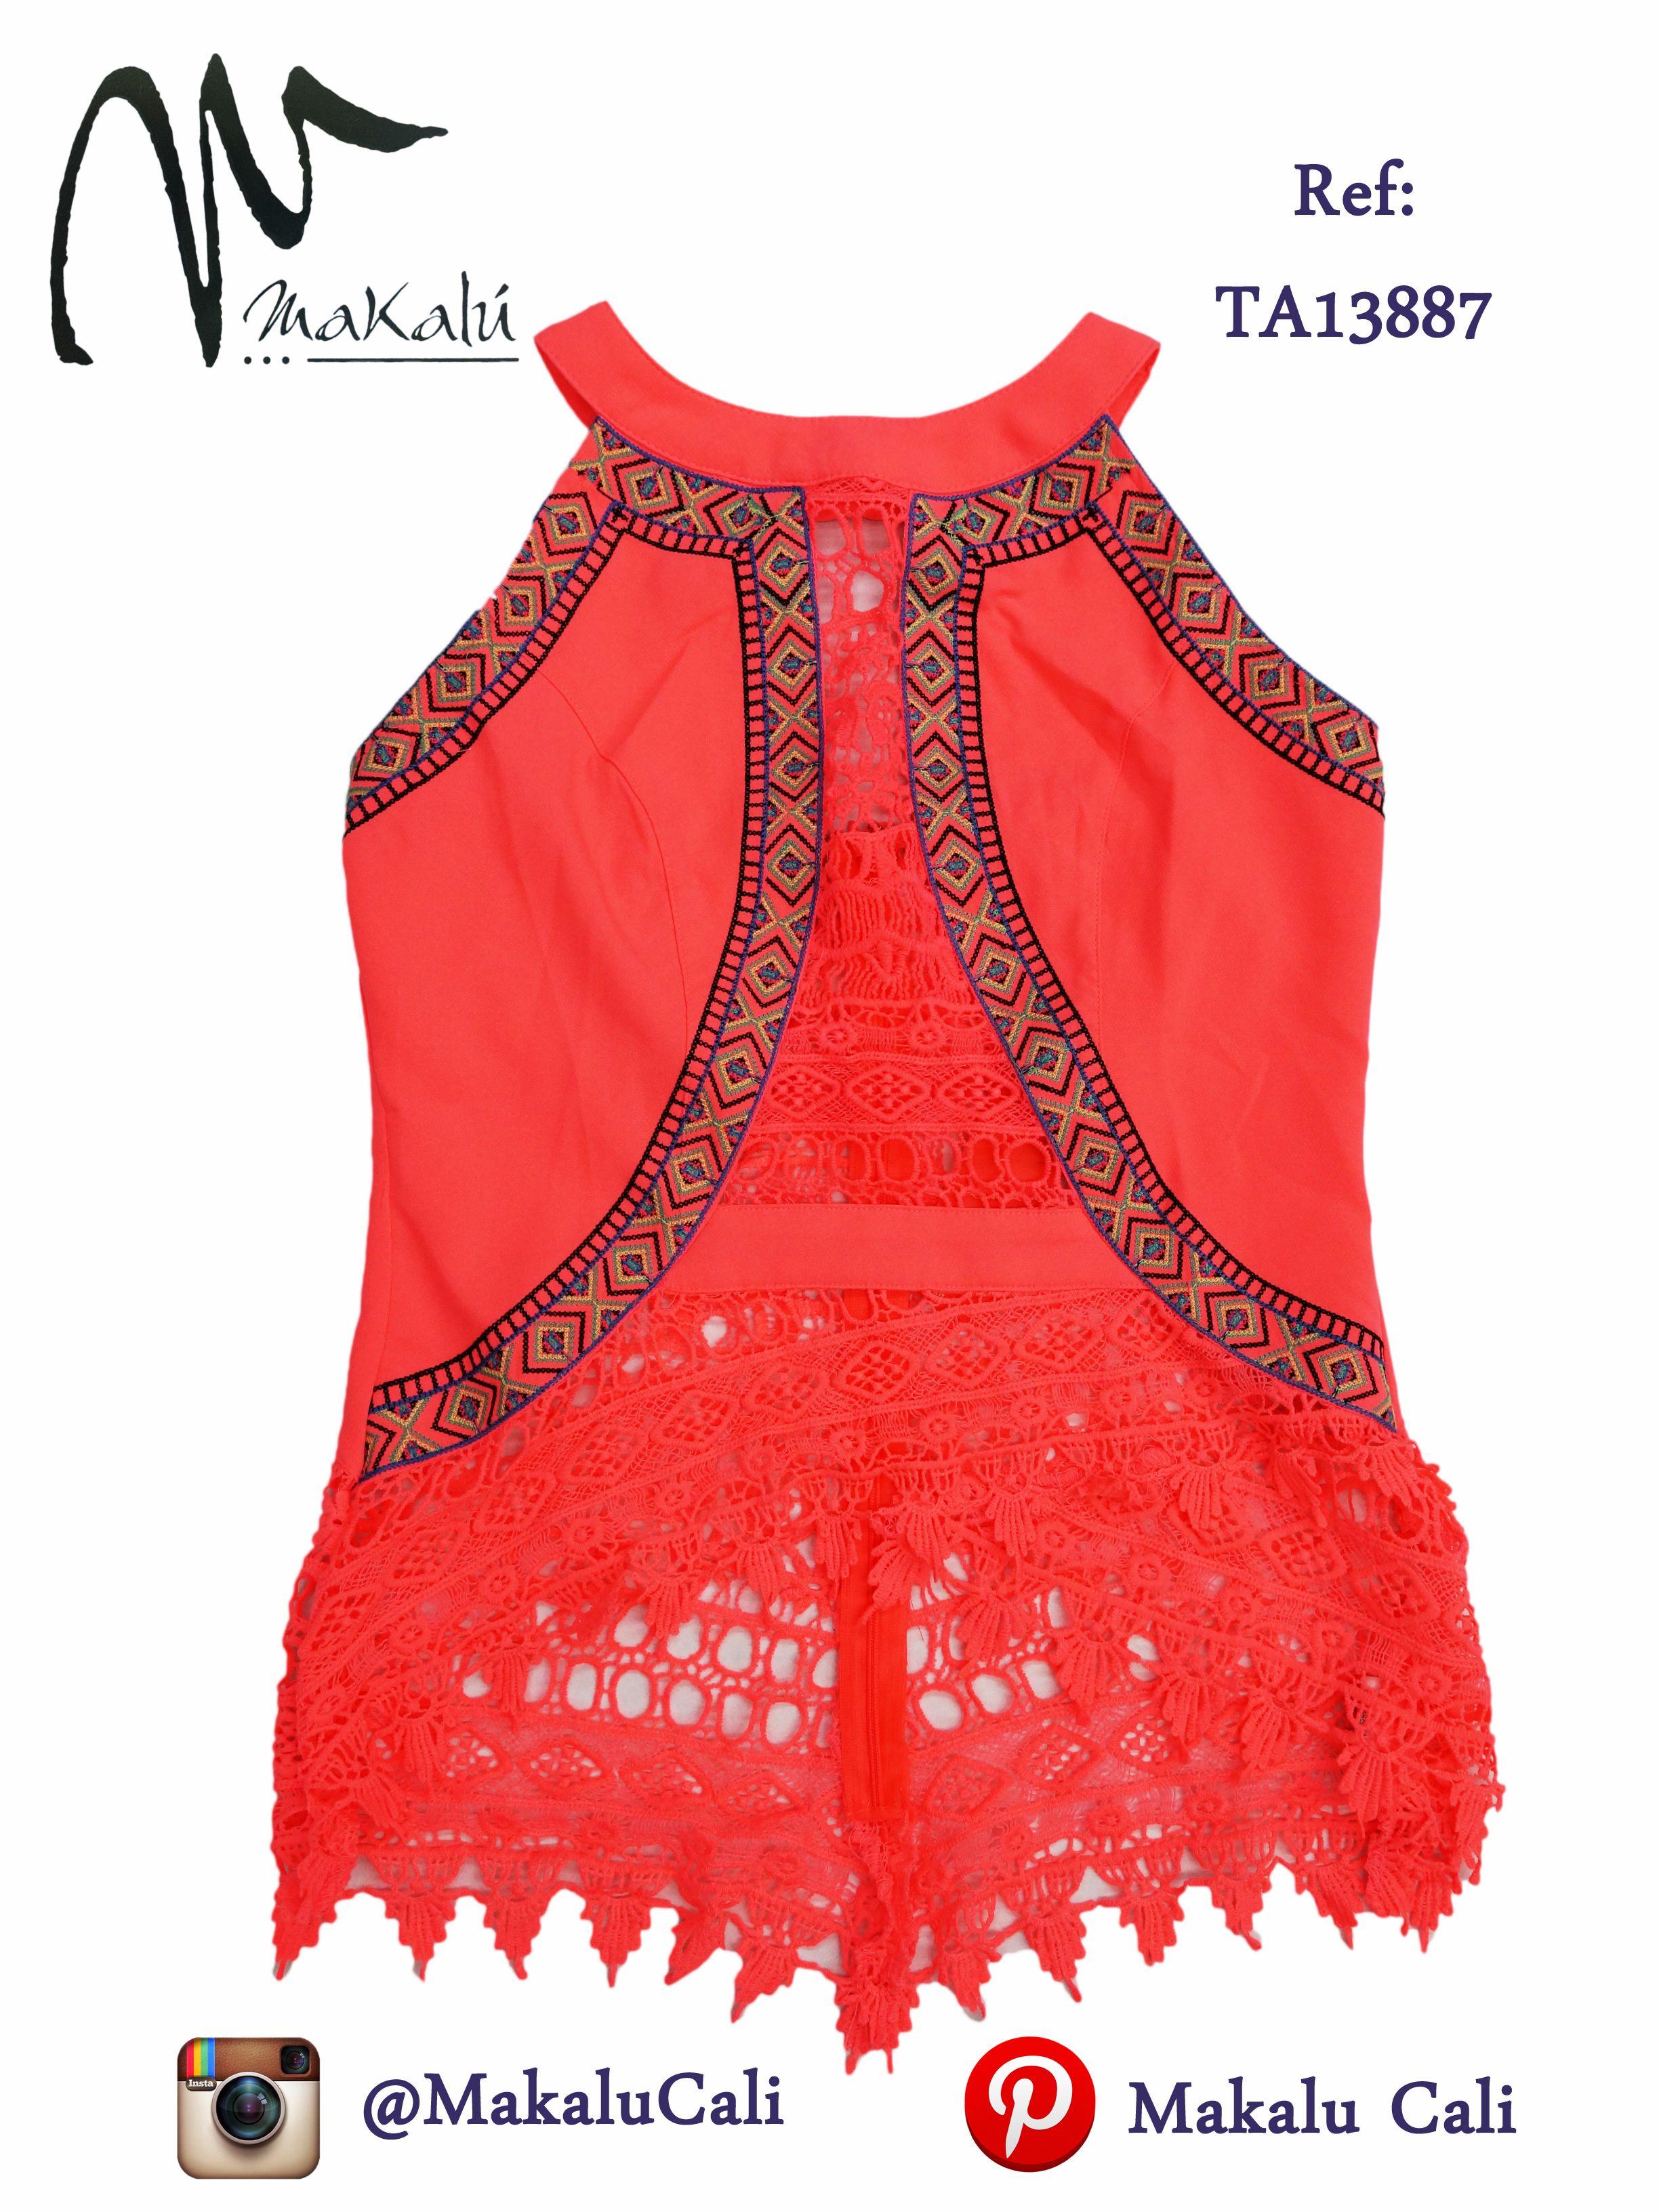 Blusas con bordados etnicos... #Blusas #makalucali #centrocomercialBahia #CentroComercialEltesoro #RopaAmericana #Cali #Colombia #ModaFemenina #tendencias #tiendasMakalu